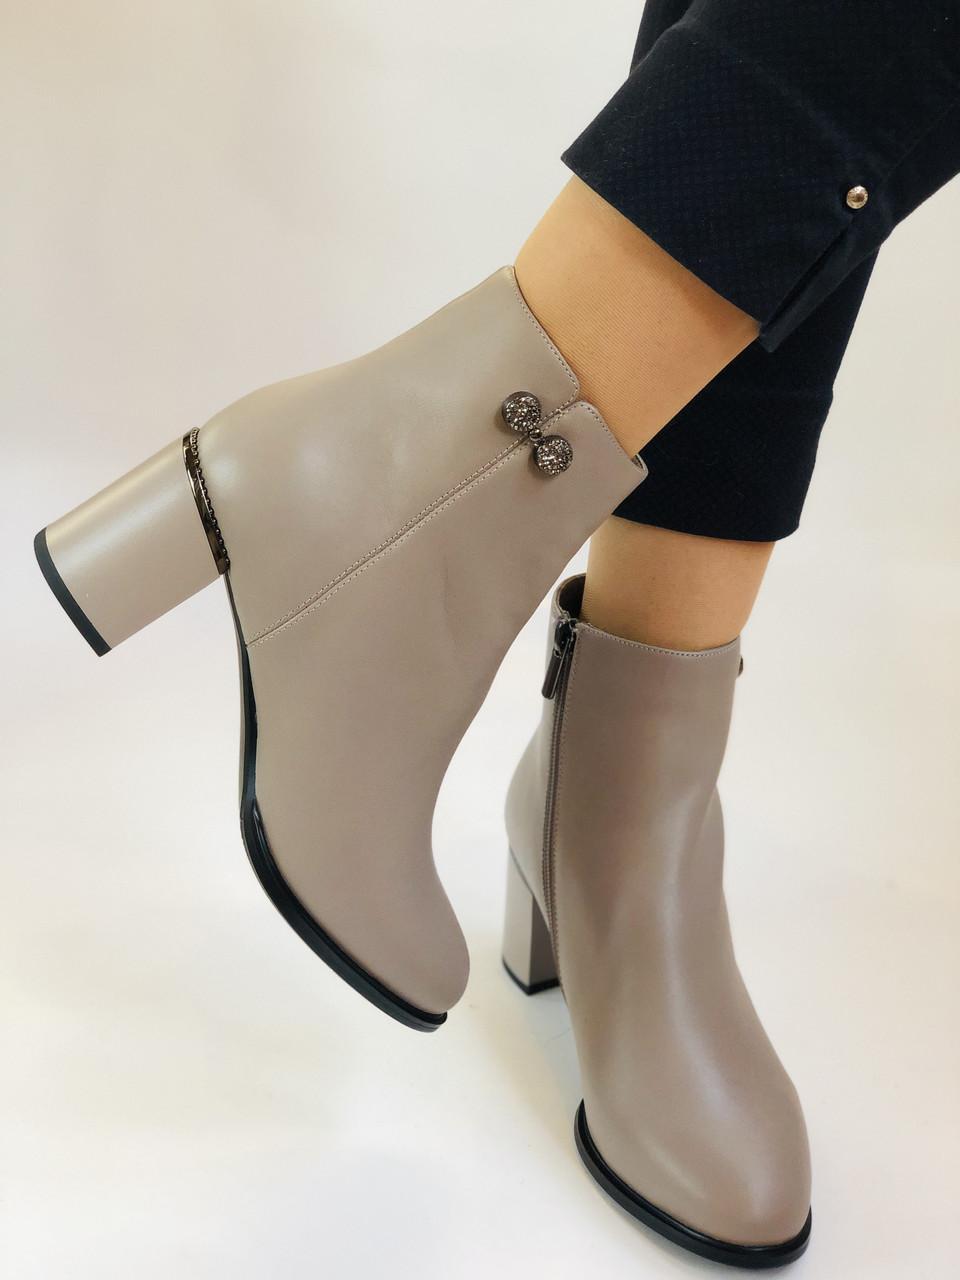 Женские осенние ботинки. На среднем каблуке. Натуральная кожа.Molka. Р.  37 38 39.40.Vellena